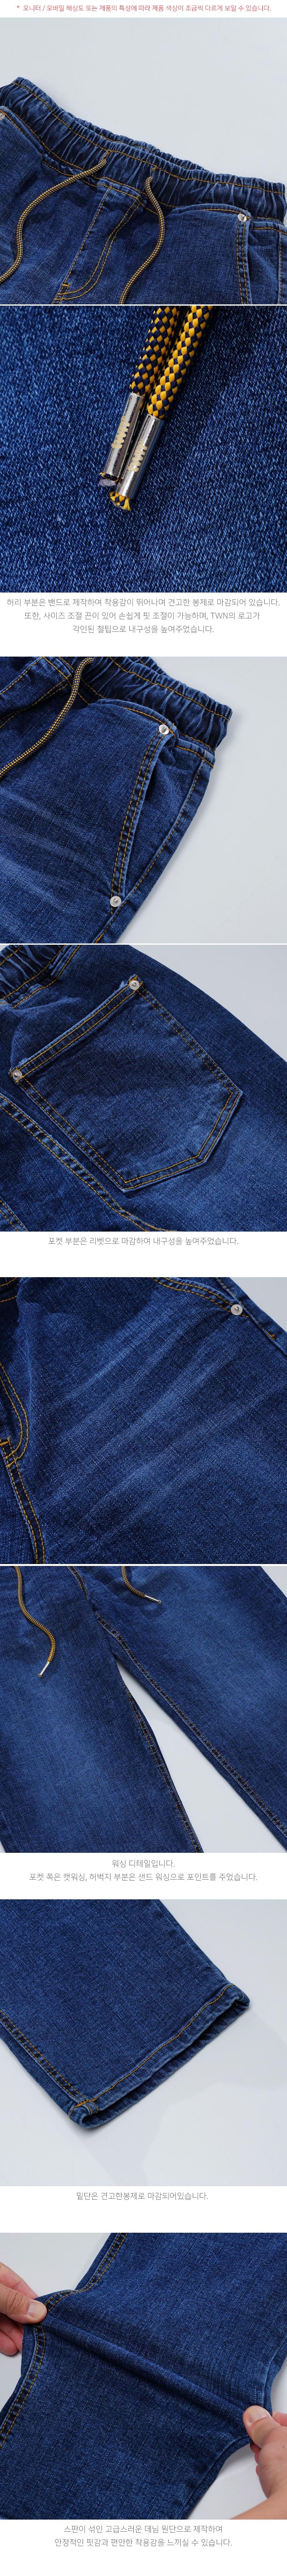 20200212_twn_mood_detail_blue_je_02.jpg